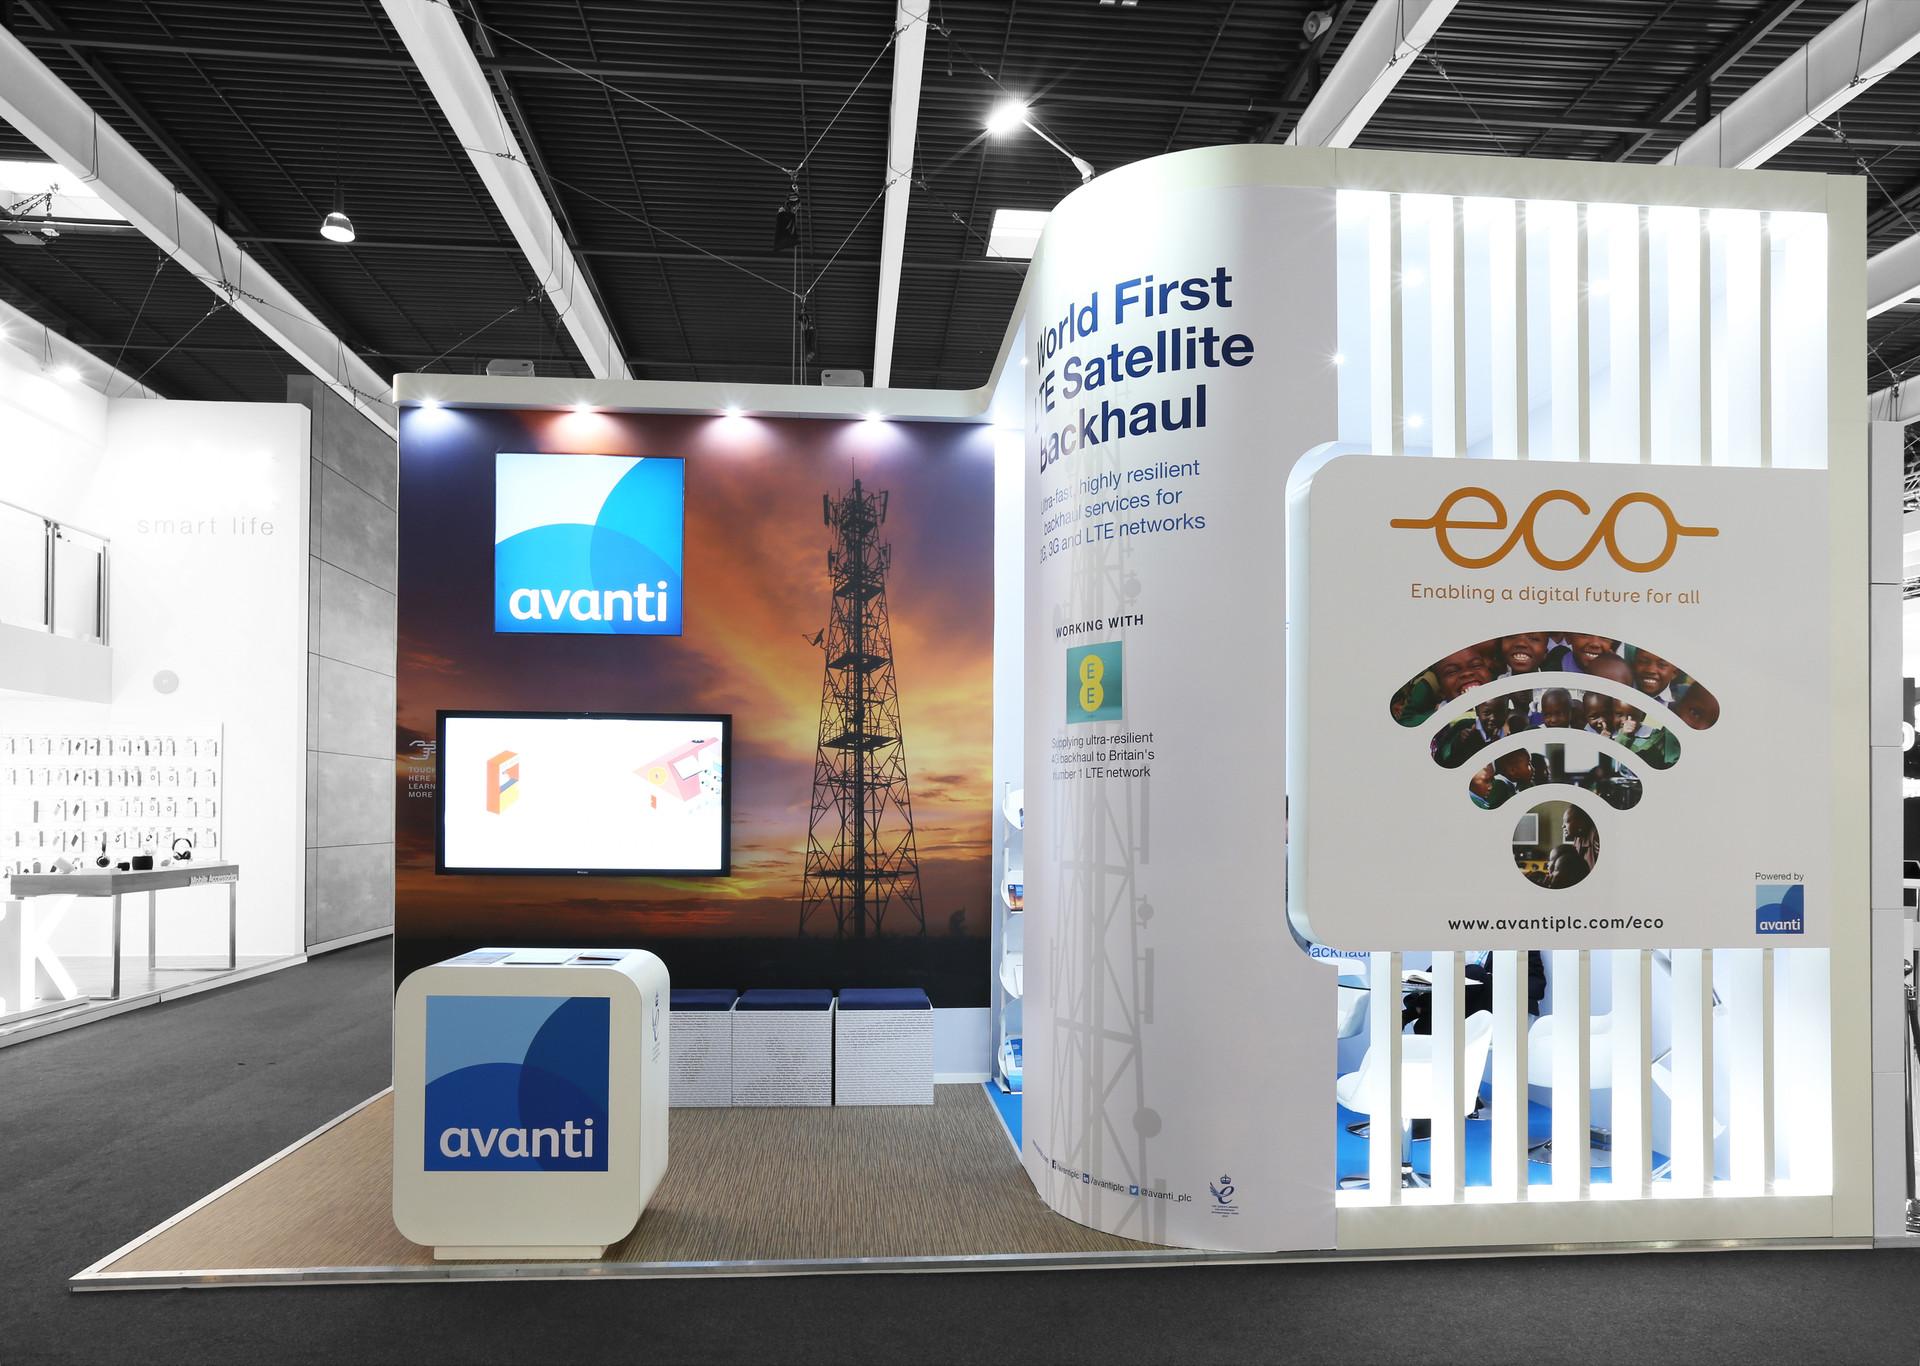 Exhibition stand design - Avanti